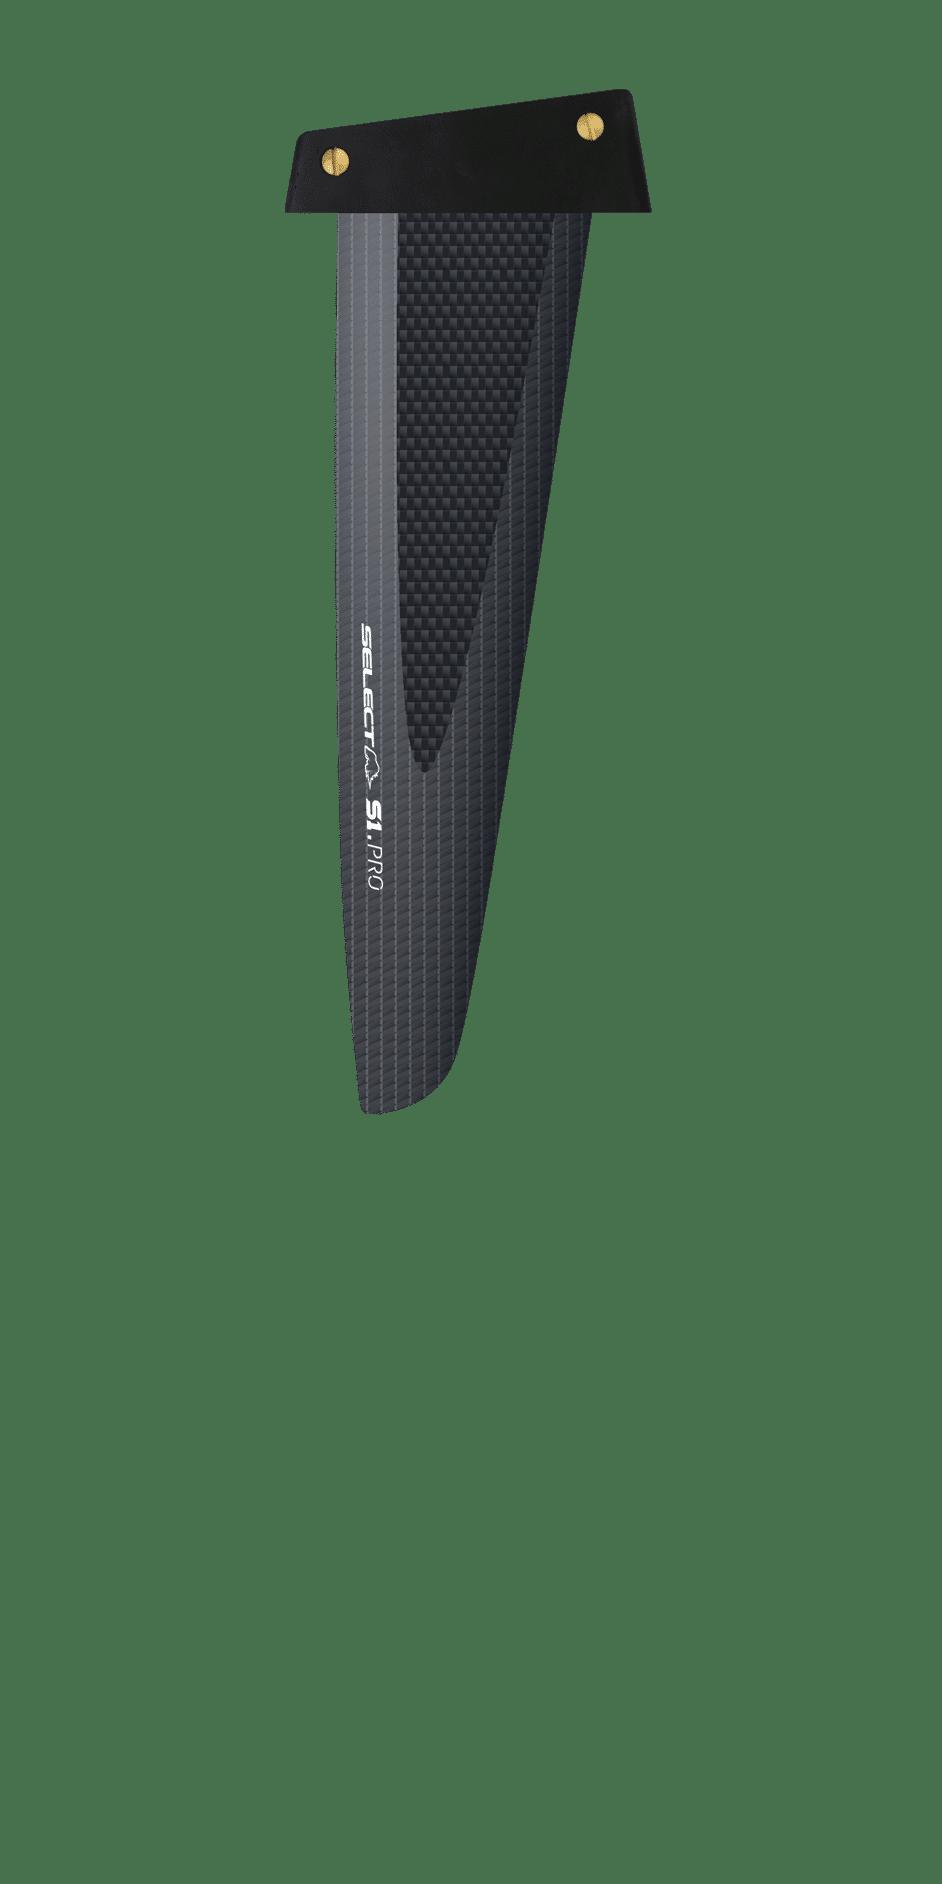 S1 Pro